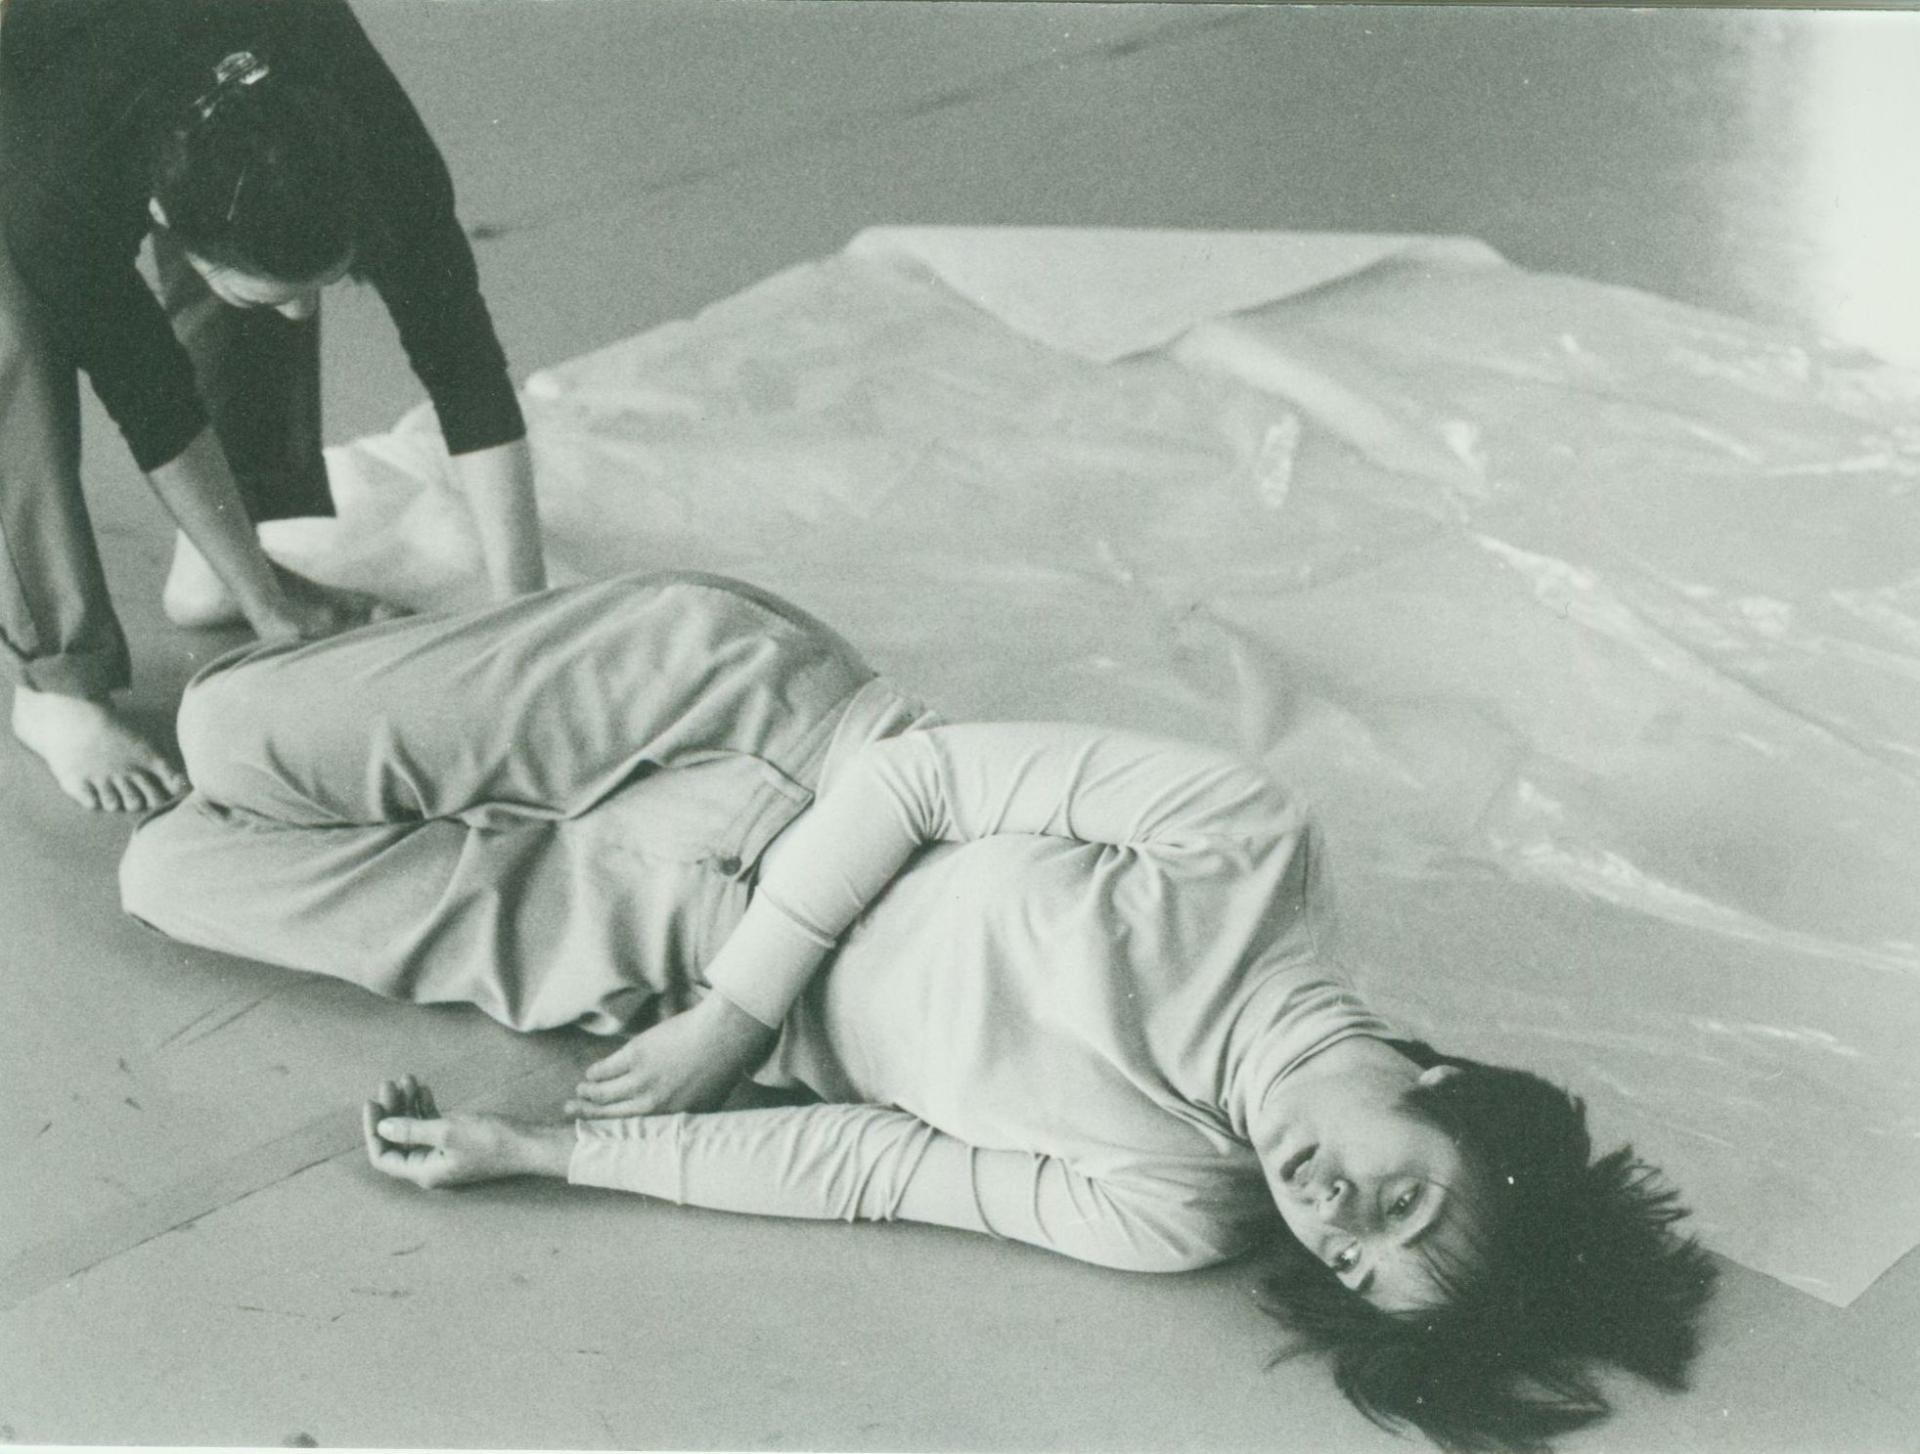 laboratorium haus 1 Lydia Müller – Tanz/Choreographie – weitere Projekte